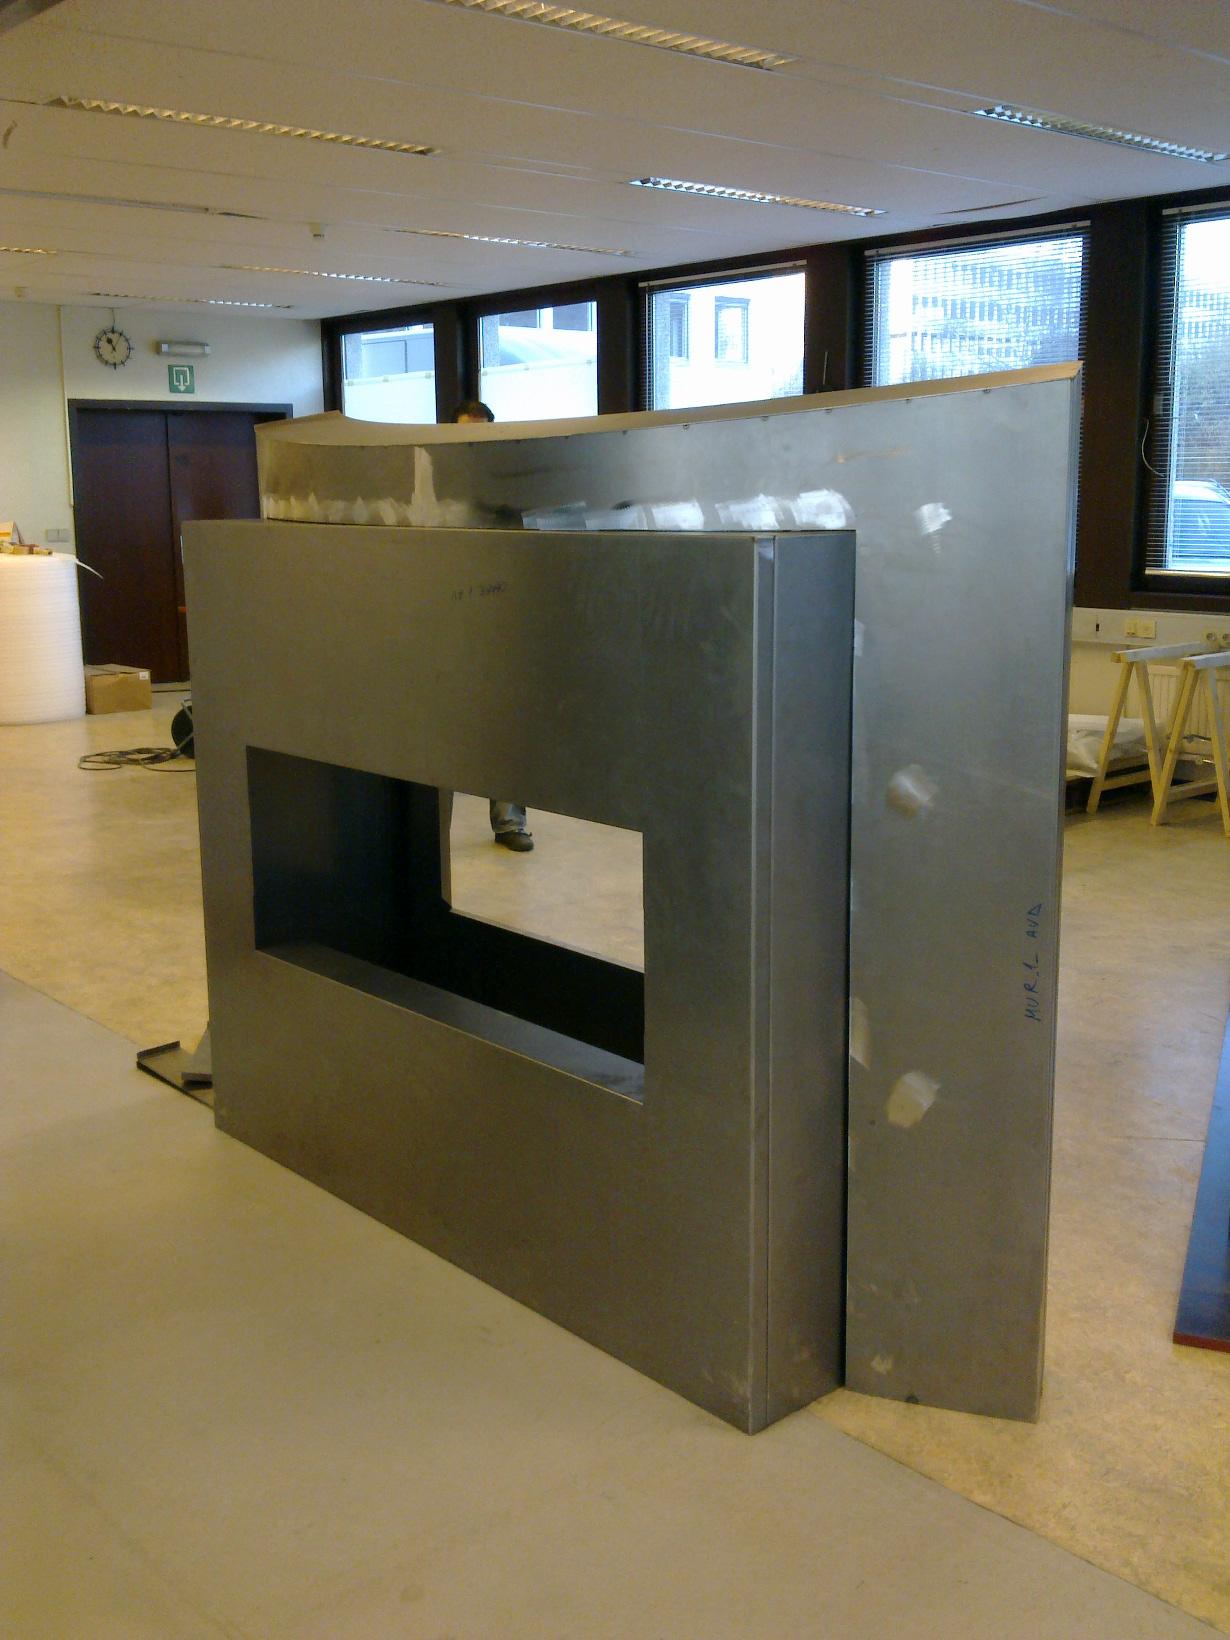 Mobilier design mtts concept for Commande meubles concept